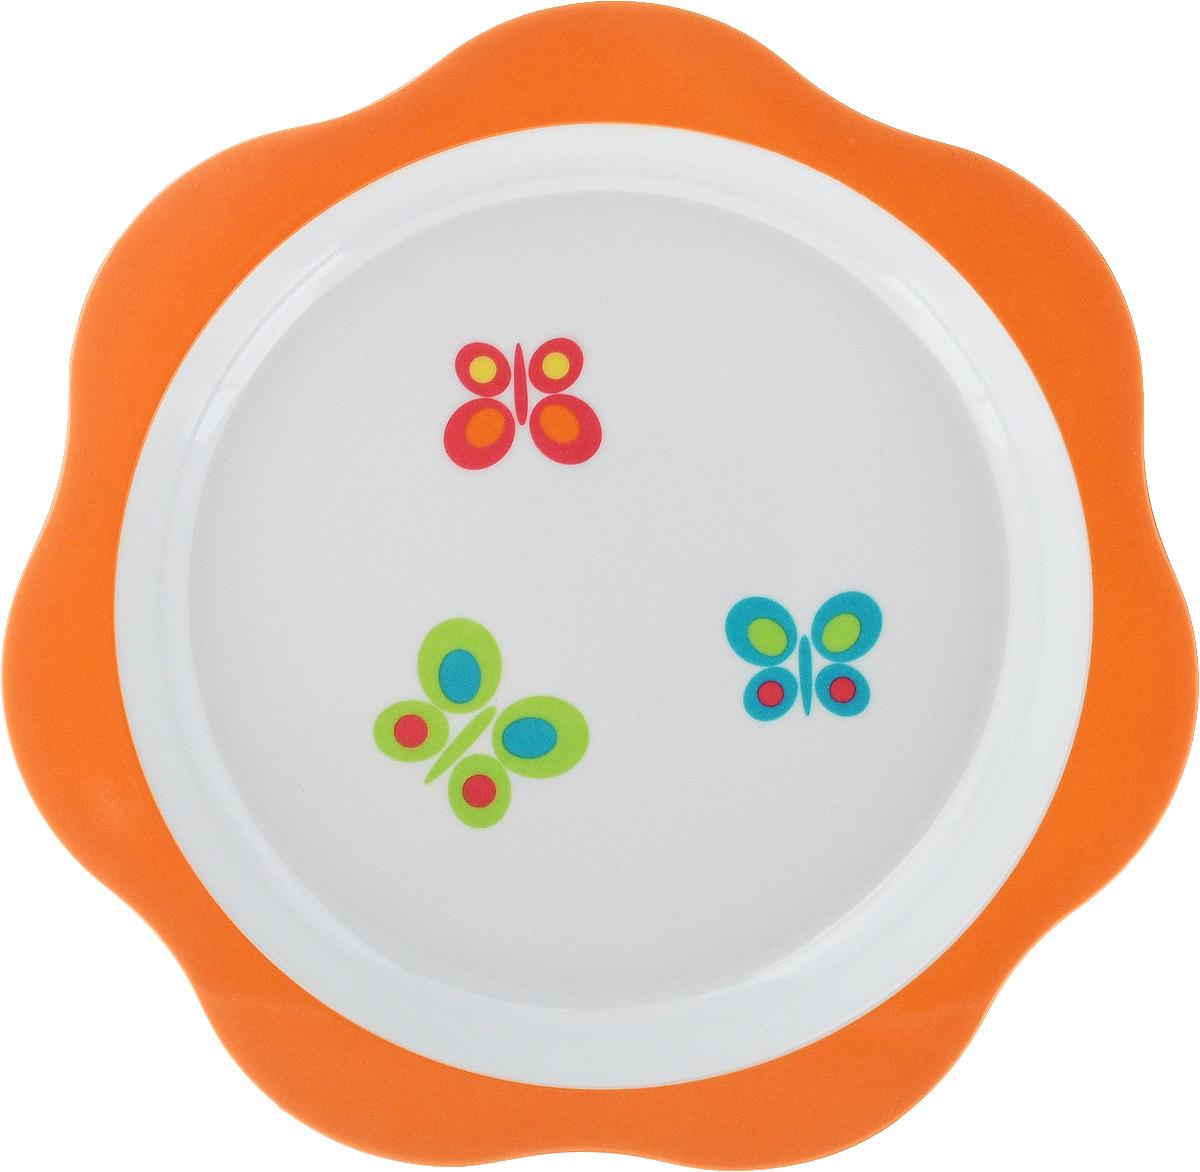 Тарелка детская Tescoma Bambini. Бабочки, цвет: оранжевый, белый, диаметр 22 см115510Детская тарелка Tescoma Bambini. Бабочки изготовлена из безопасного пластика.Тарелочка, оформленная веселой картинкой забавных бабочек, понравится и малышу, и родителям! Ребенок будет с удовольствием учиться кушать самостоятельно.Тарелочка подходит для горячей и холодной пищи. Можно использовать в посудомоечной машине. Нельзя использовать в микроволновой печи.Внешний диаметр тарелки: 22 см. Внутренний диаметр тарелки: 17,7 см.